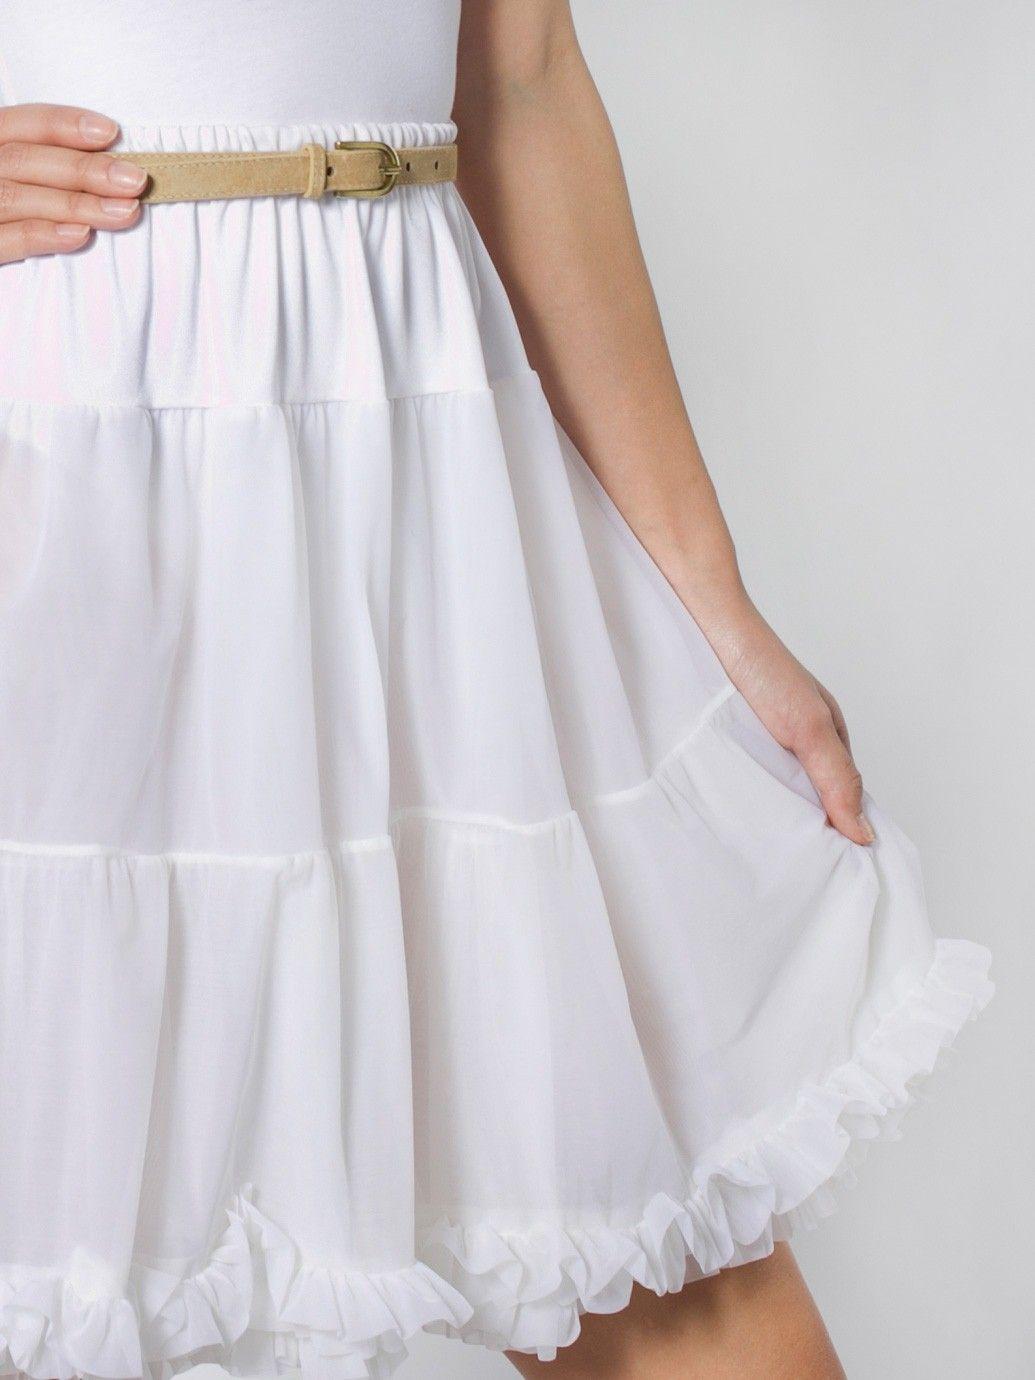 Petticoat Slip Skirt | Knee-Length | Women's Skirts | American Apparel